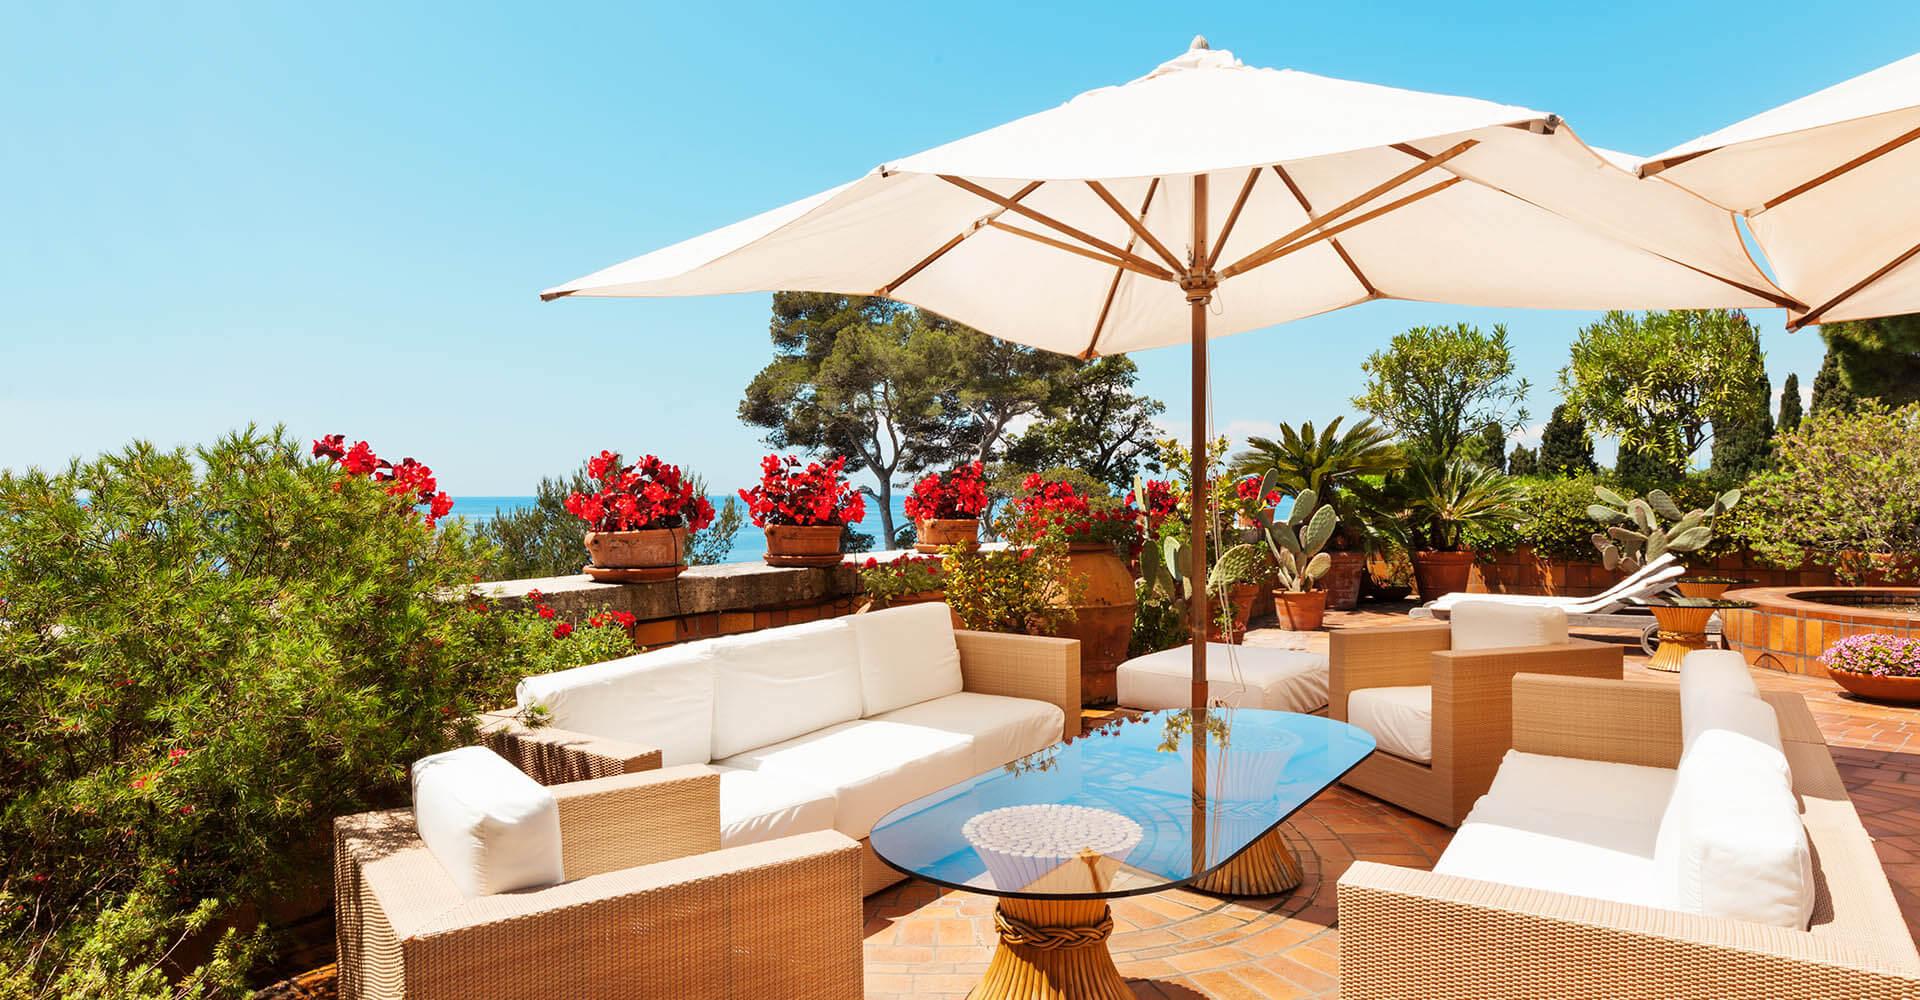 Sonnige Luxus-Terrasse mit weißen Möbeln und einem weißen Sonnenschirm